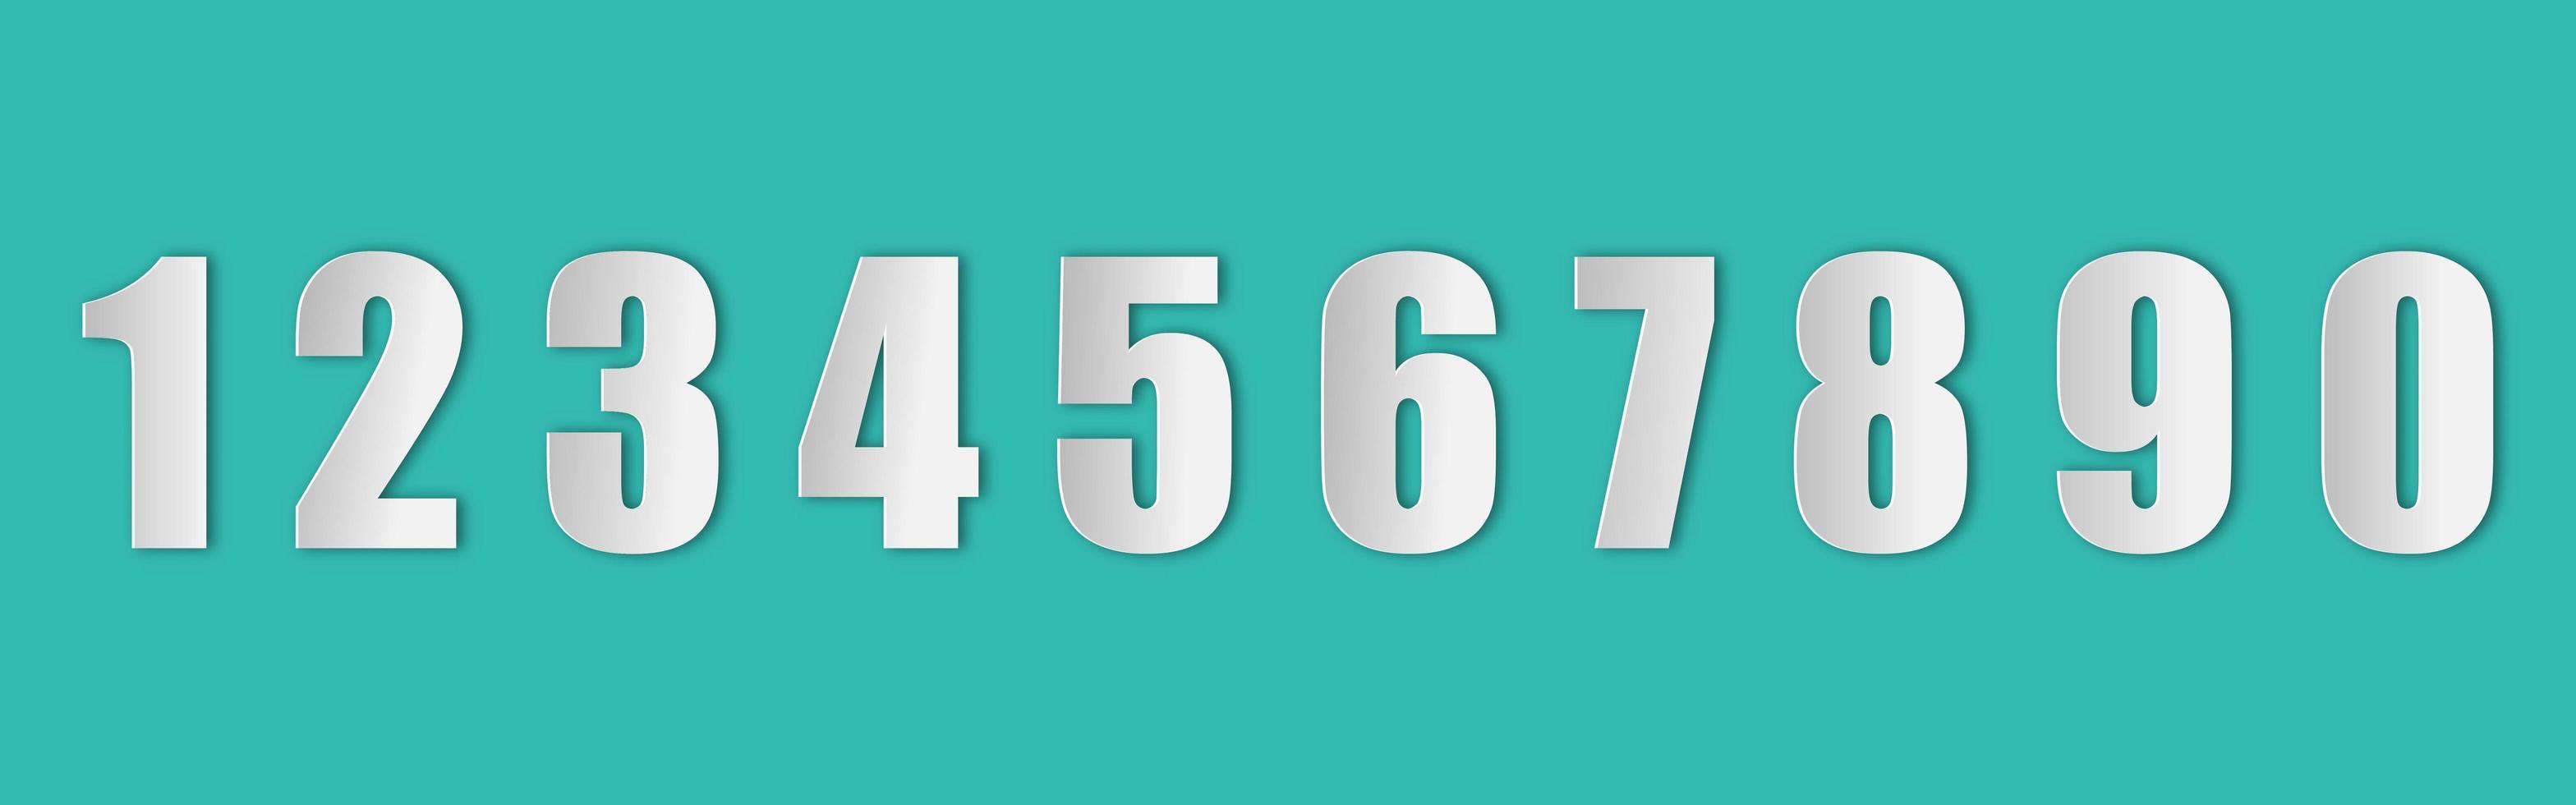 ensemble de nombres en style papier avec une ombre réaliste vecteur